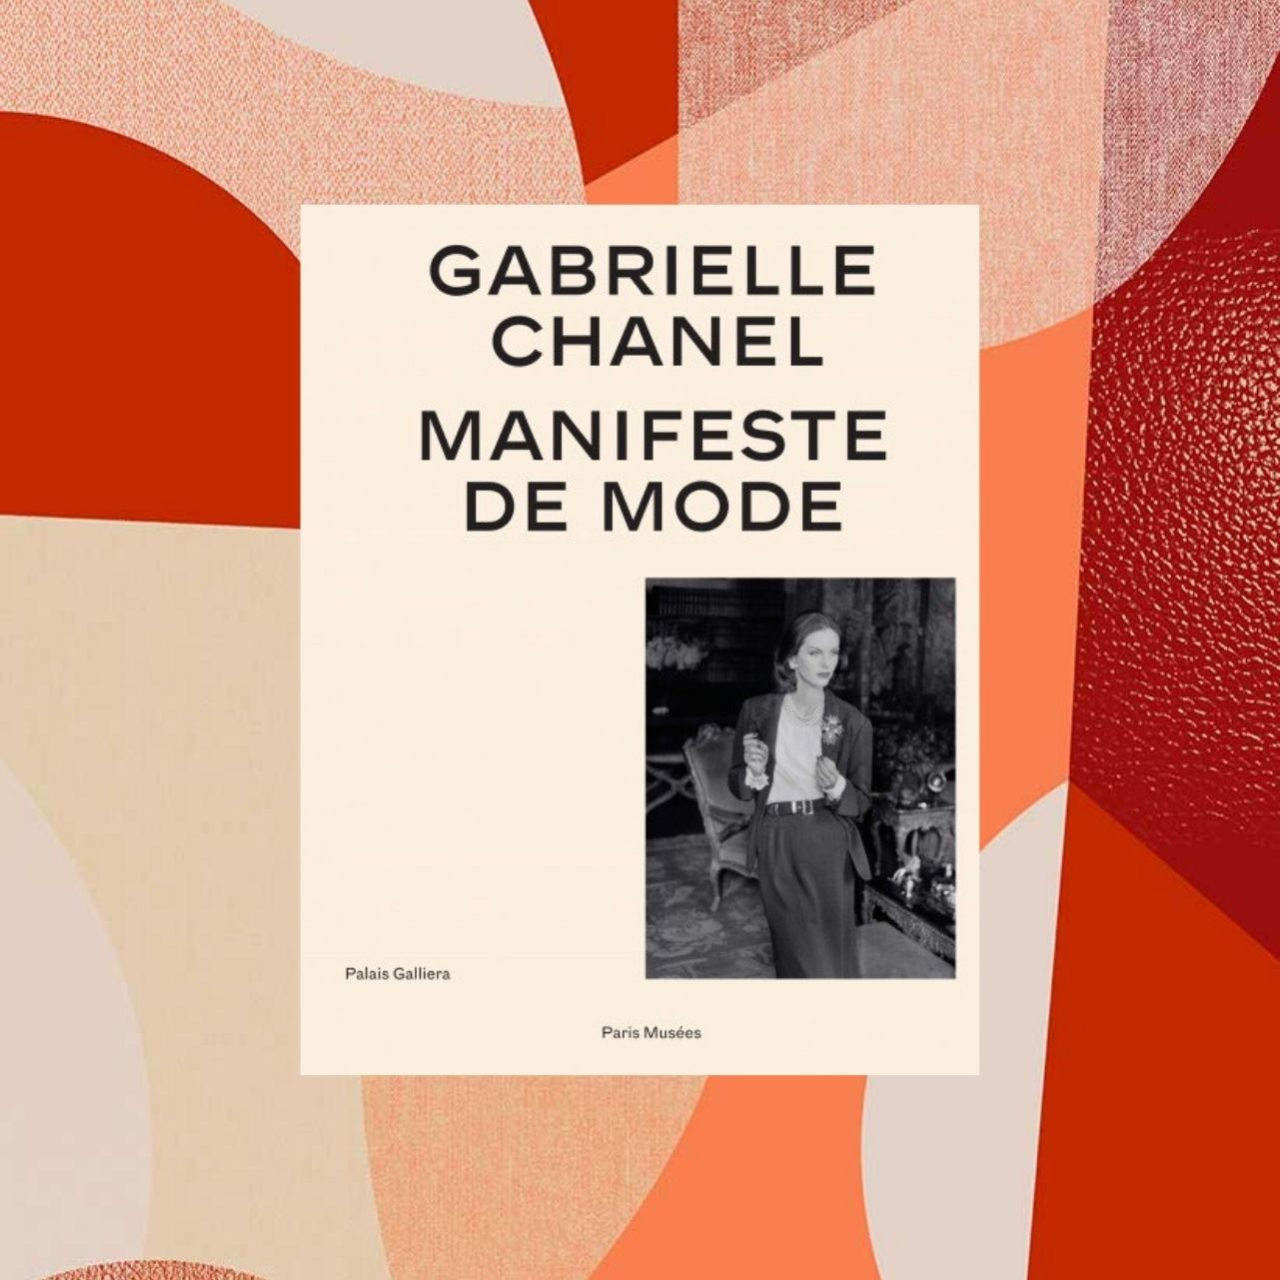 Gabrielle Chanel manifeste-mode editions Paris musees